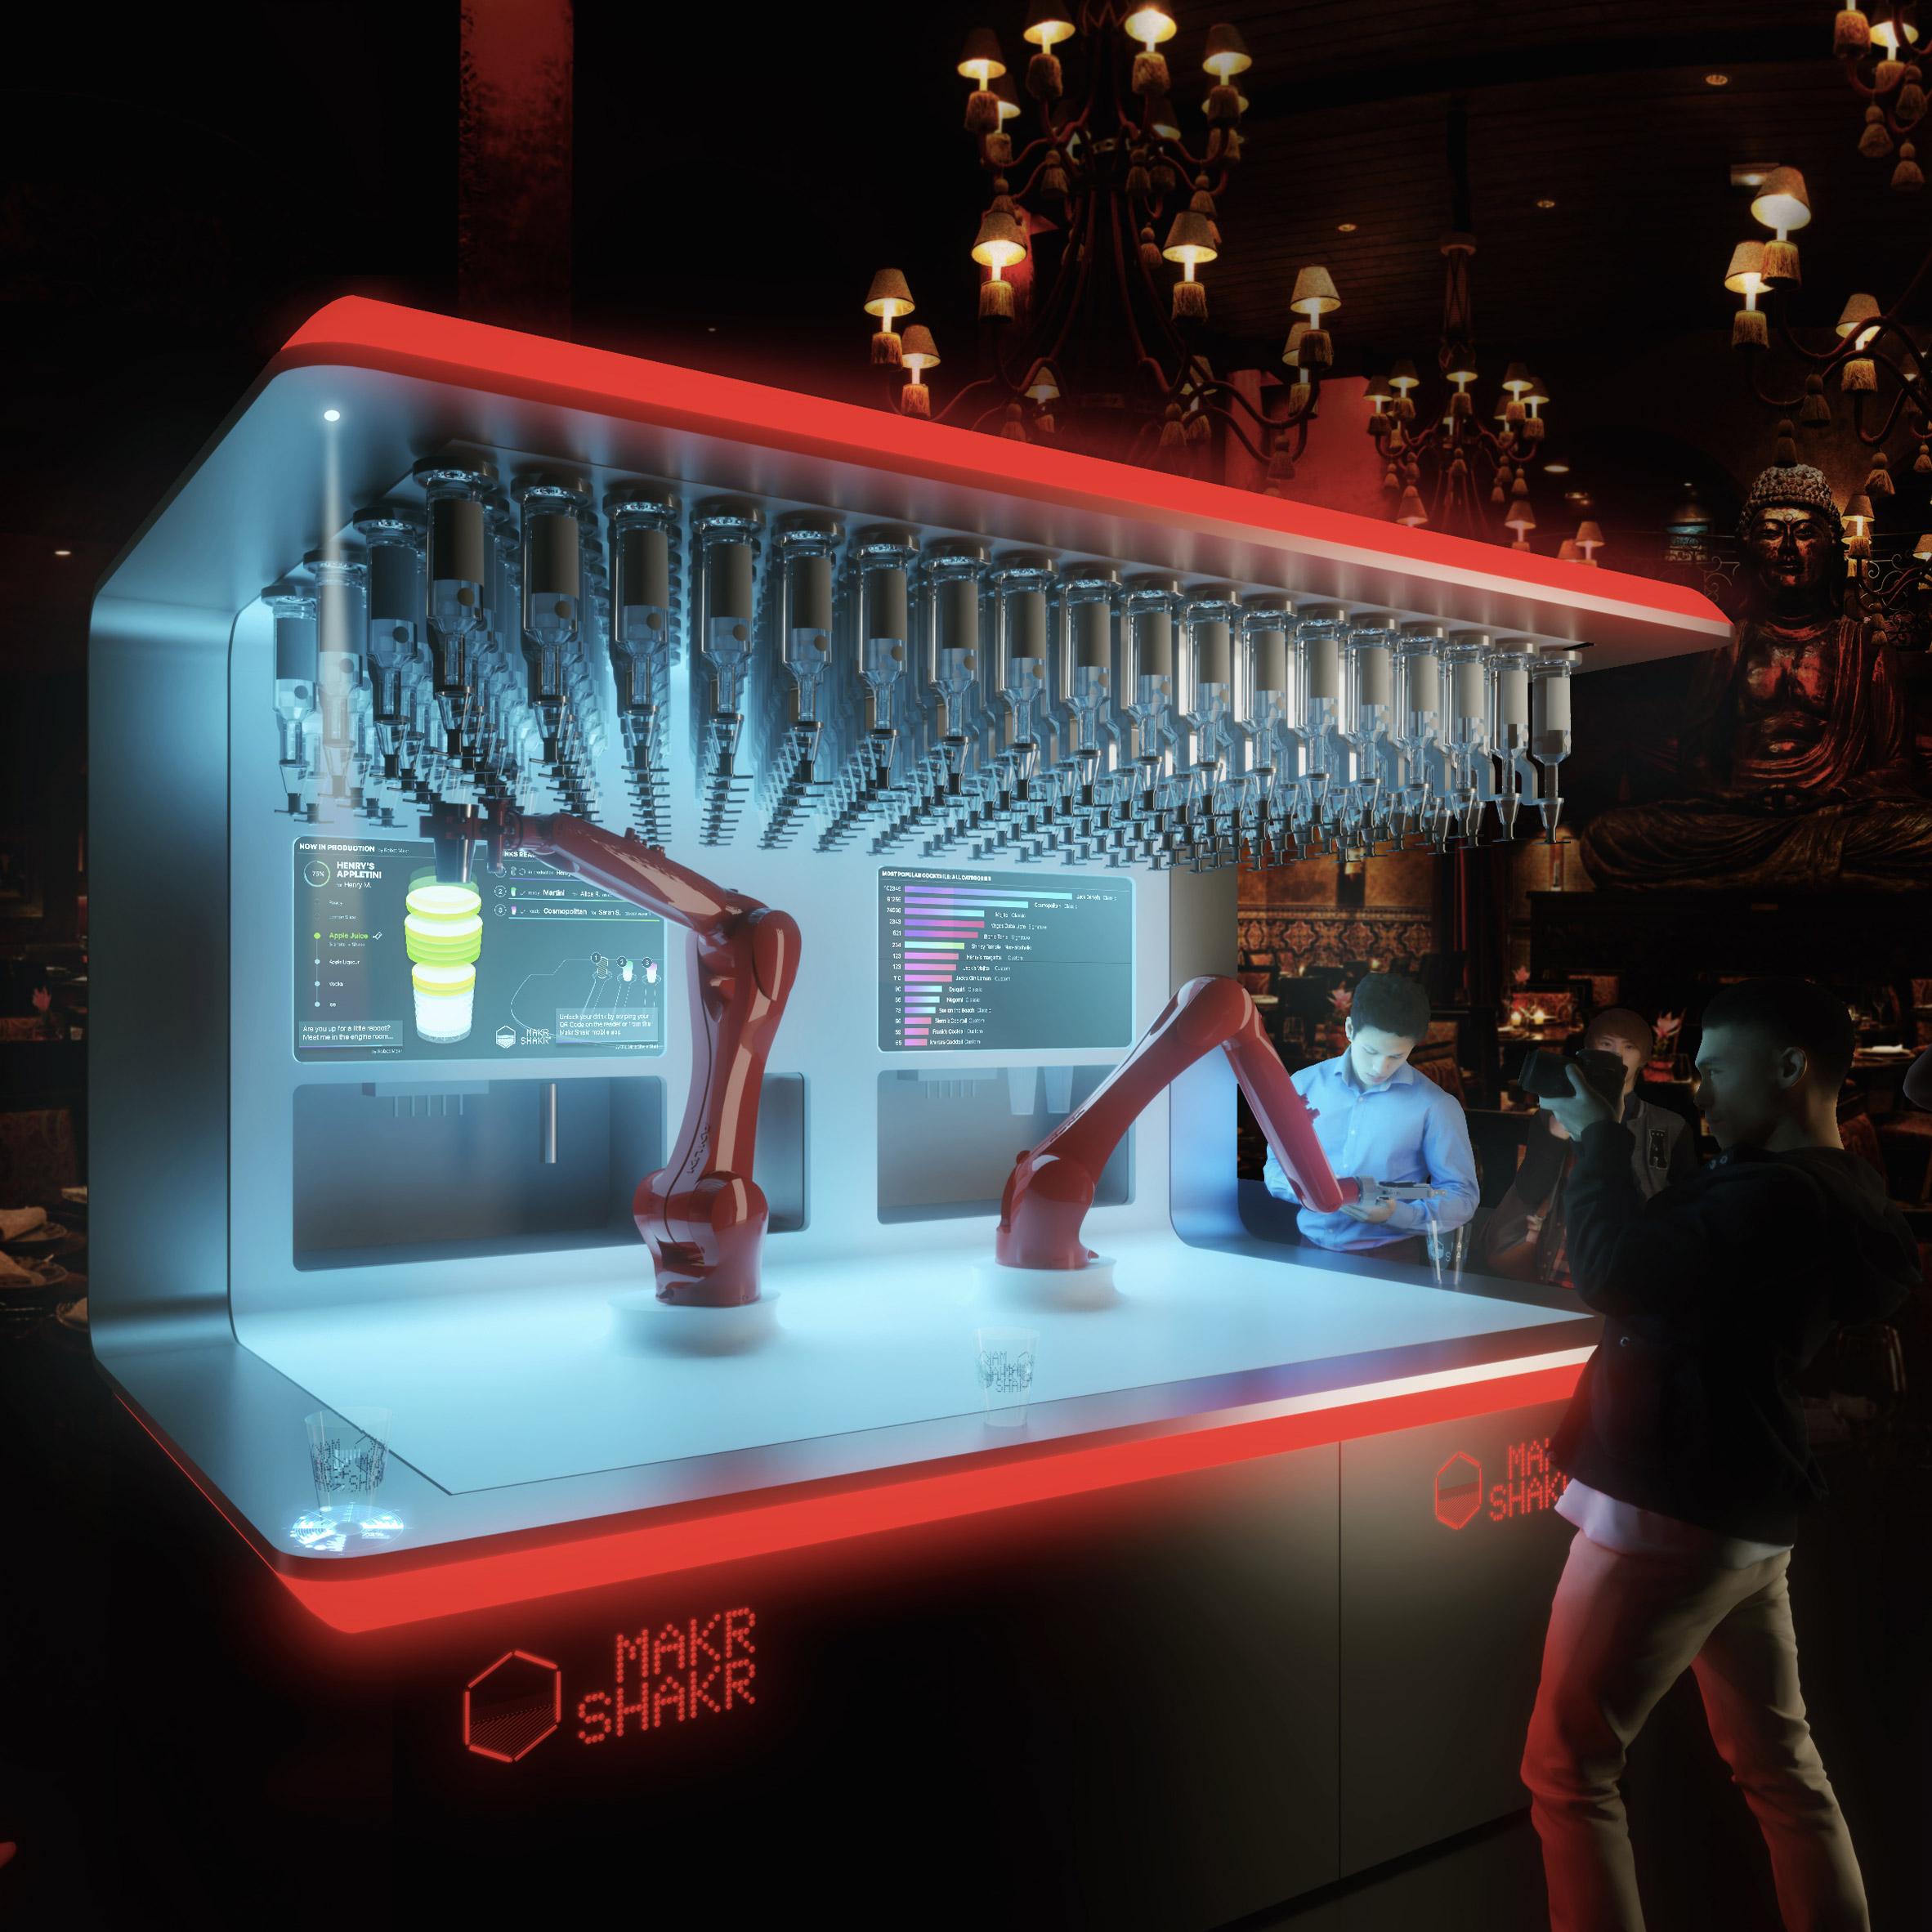 Nino Robotic, il bartender robot di Calo Ratti